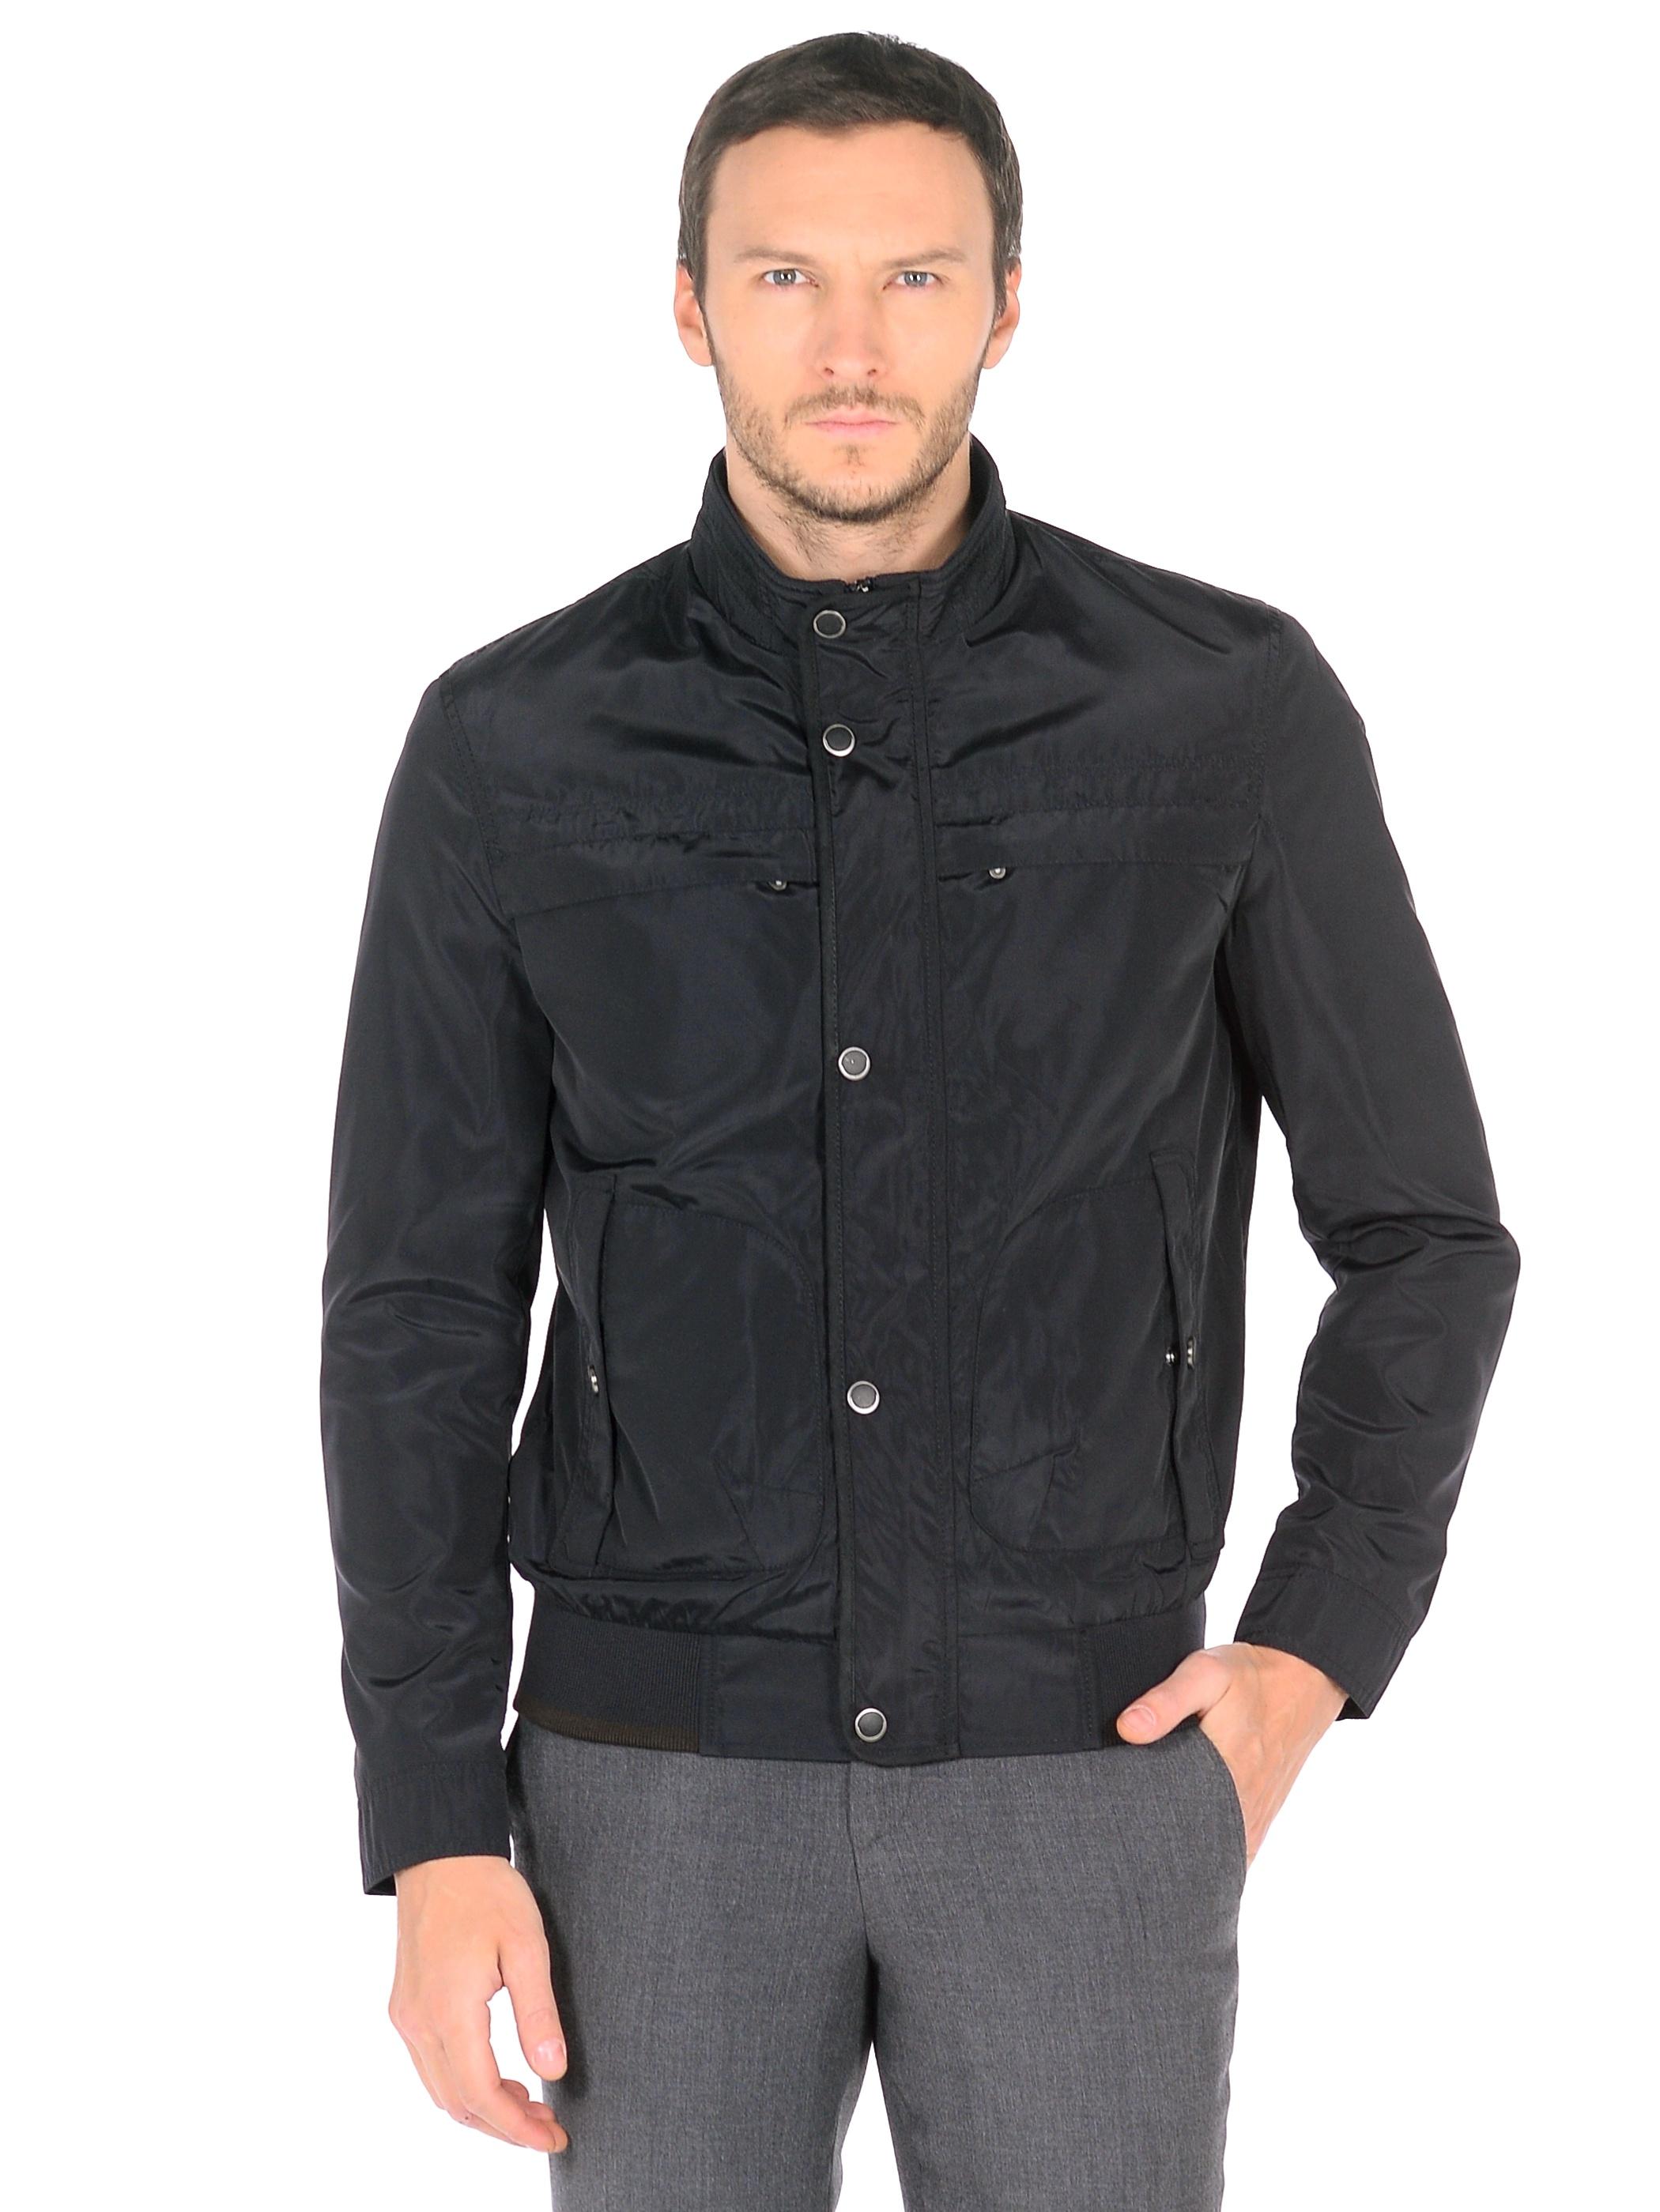 Мужская куртка из текстиля с воротником, без отделки<br><br>Воротник: стойка<br>Длина см: Короткая (51-74 )<br>Материал: Текстиль<br>Цвет: синий<br>Вид застежки: потайная<br>Застежка: на молнии<br>Пол: Мужской<br>Размер RU: 56